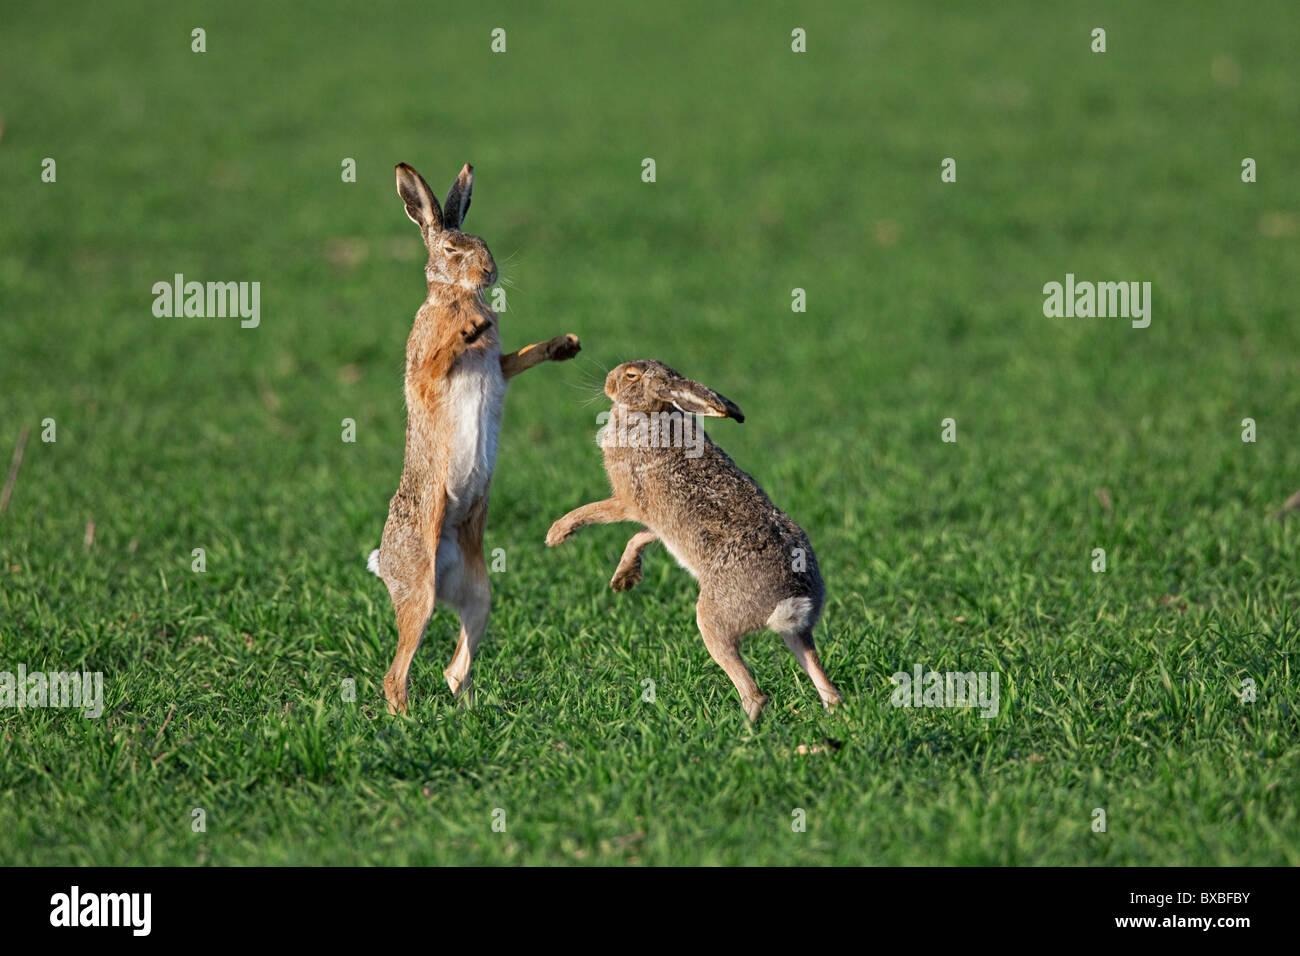 Unione Brown lepre (Lepus europaeus) boxing / combattimenti in campo durante la stagione della riproduzione, Germania Immagini Stock